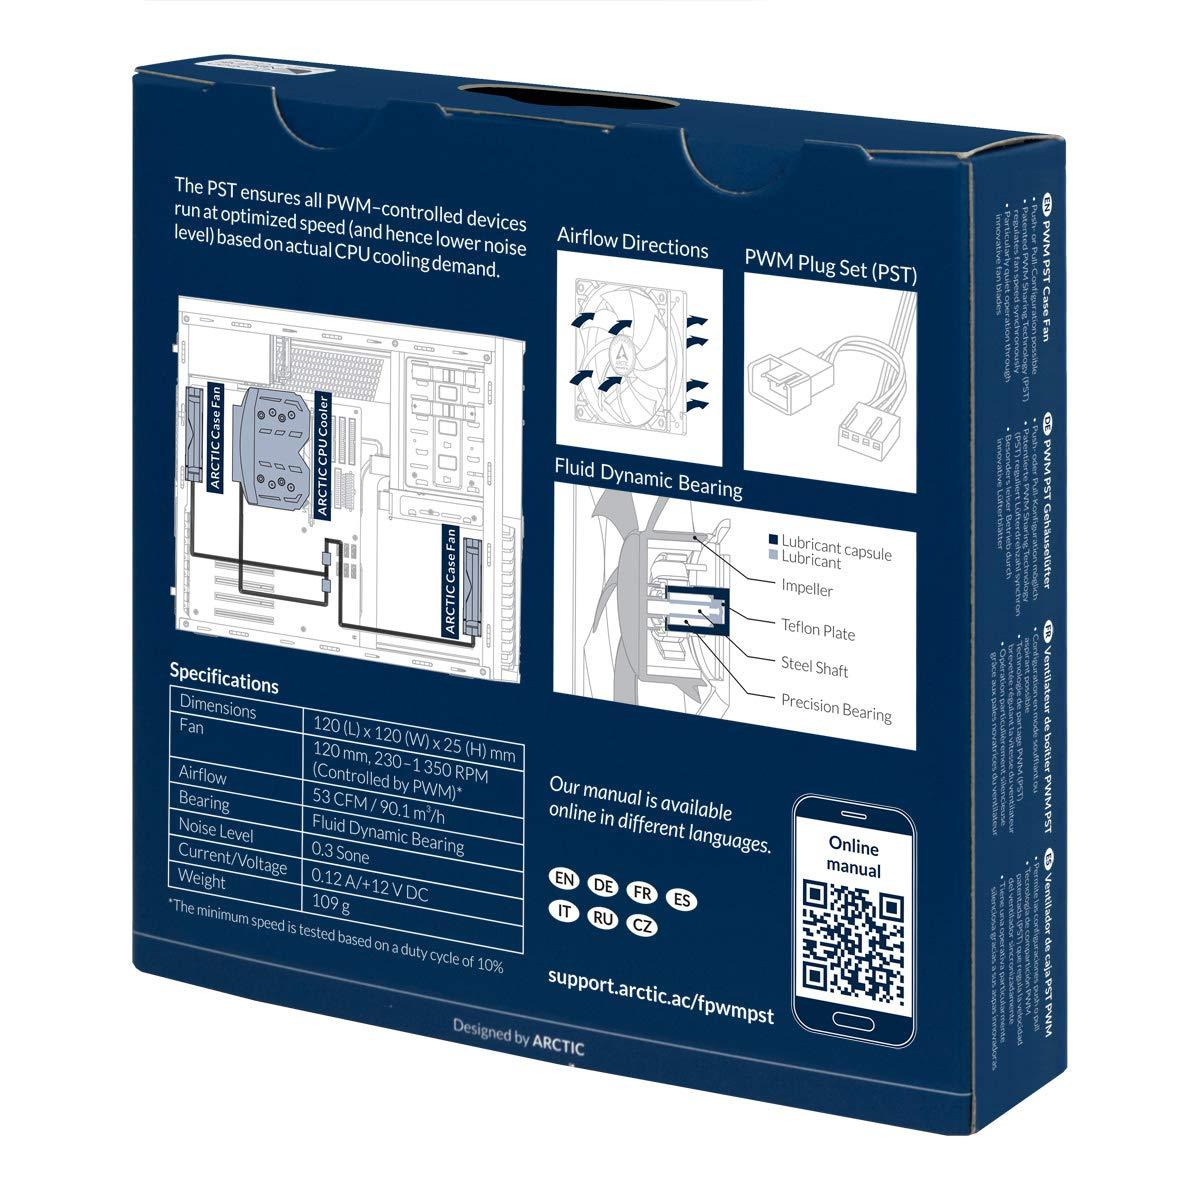 120 mm Fino a 1800 Tr//Min Bianco//Bianco Ventilatore Silenzioso per Cpu ARCTIC P12 PWM Velocit/à Regolata con Tecnologia PWM 0.3 Sone Ventola per Case per Computer Pc